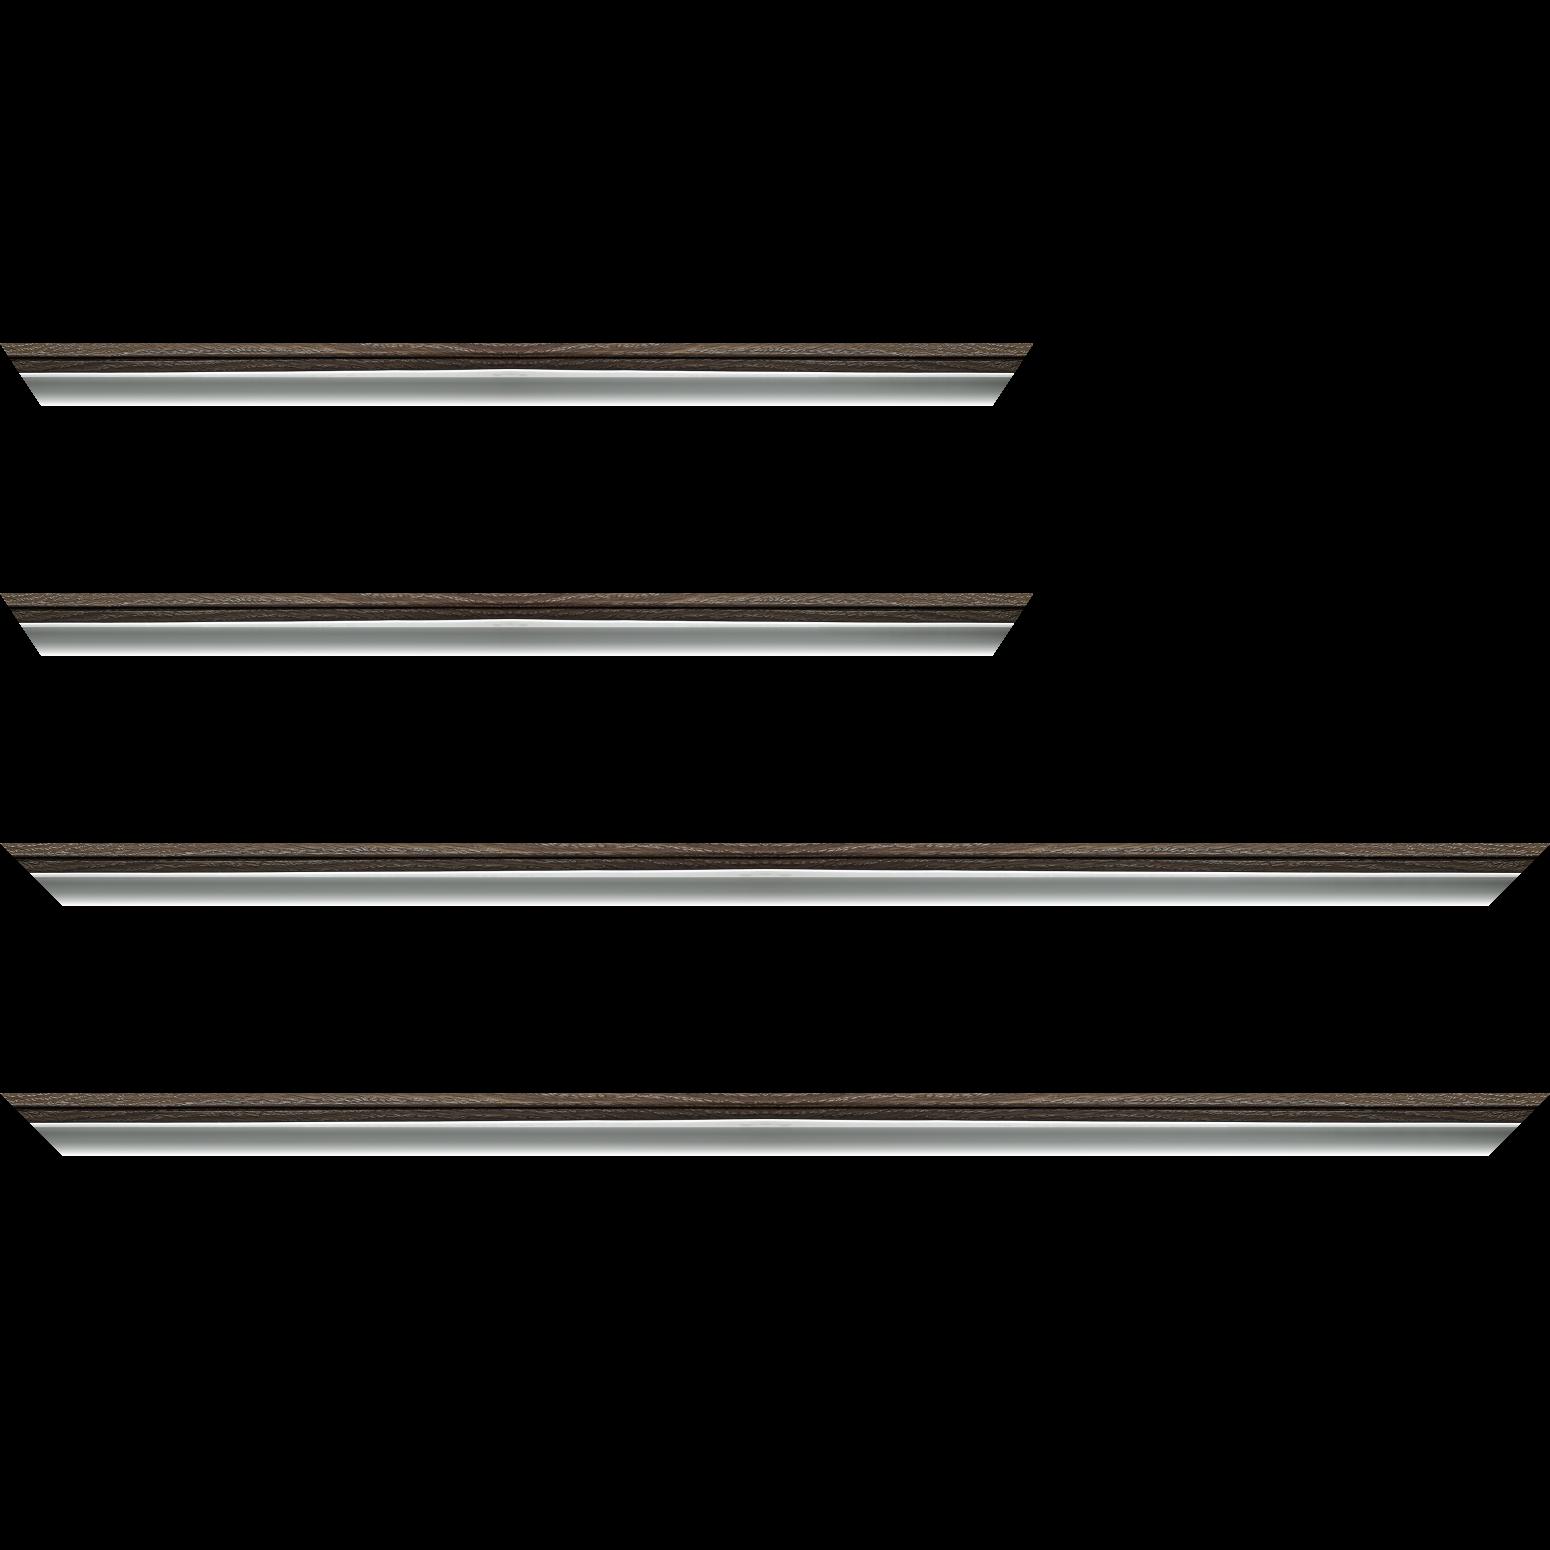 Baguette service précoupé Bois profil plat largeur 2.4cm  argent chromé décor chêne anthracite  extérieur